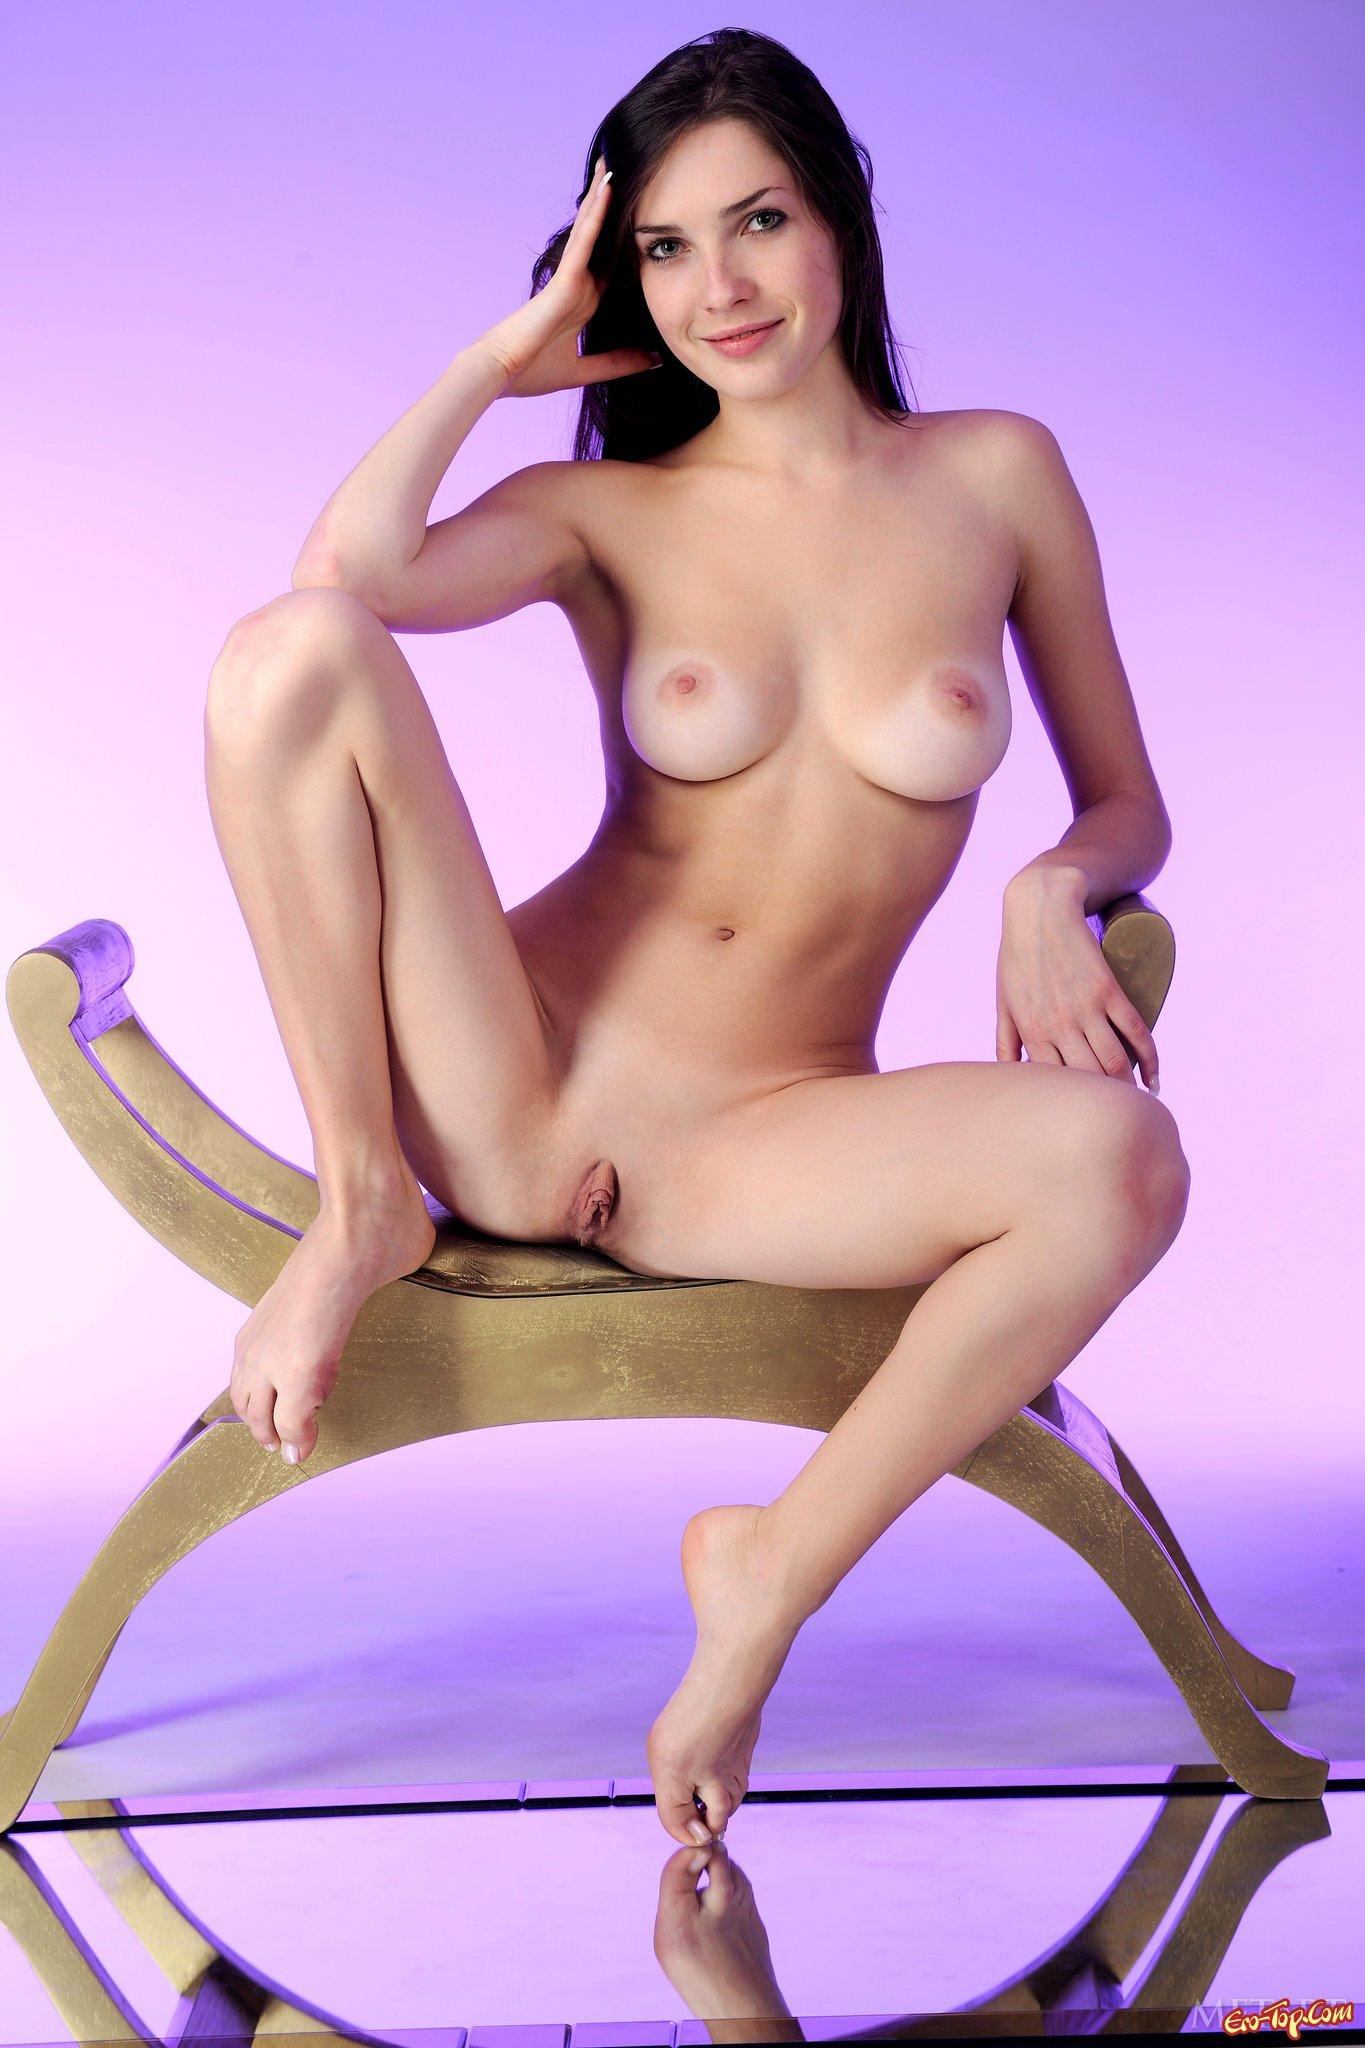 Голая девка брюнетка смотреть эротику